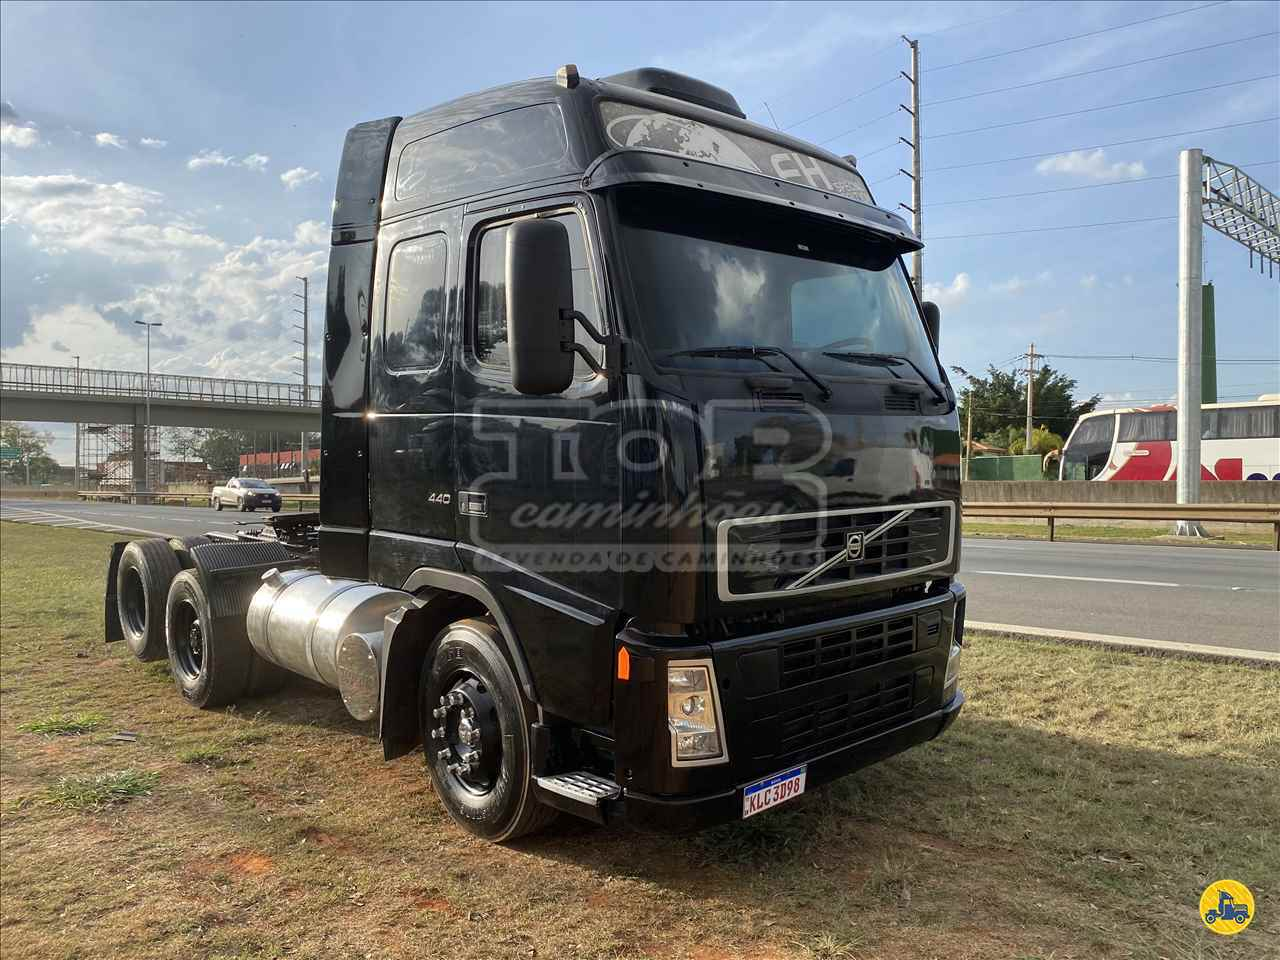 CAMINHAO VOLVO VOLVO FH 440 Cavalo Mecânico Truck 6x2 Top Caminhões SP  LIMEIRA SÃO PAULO SP